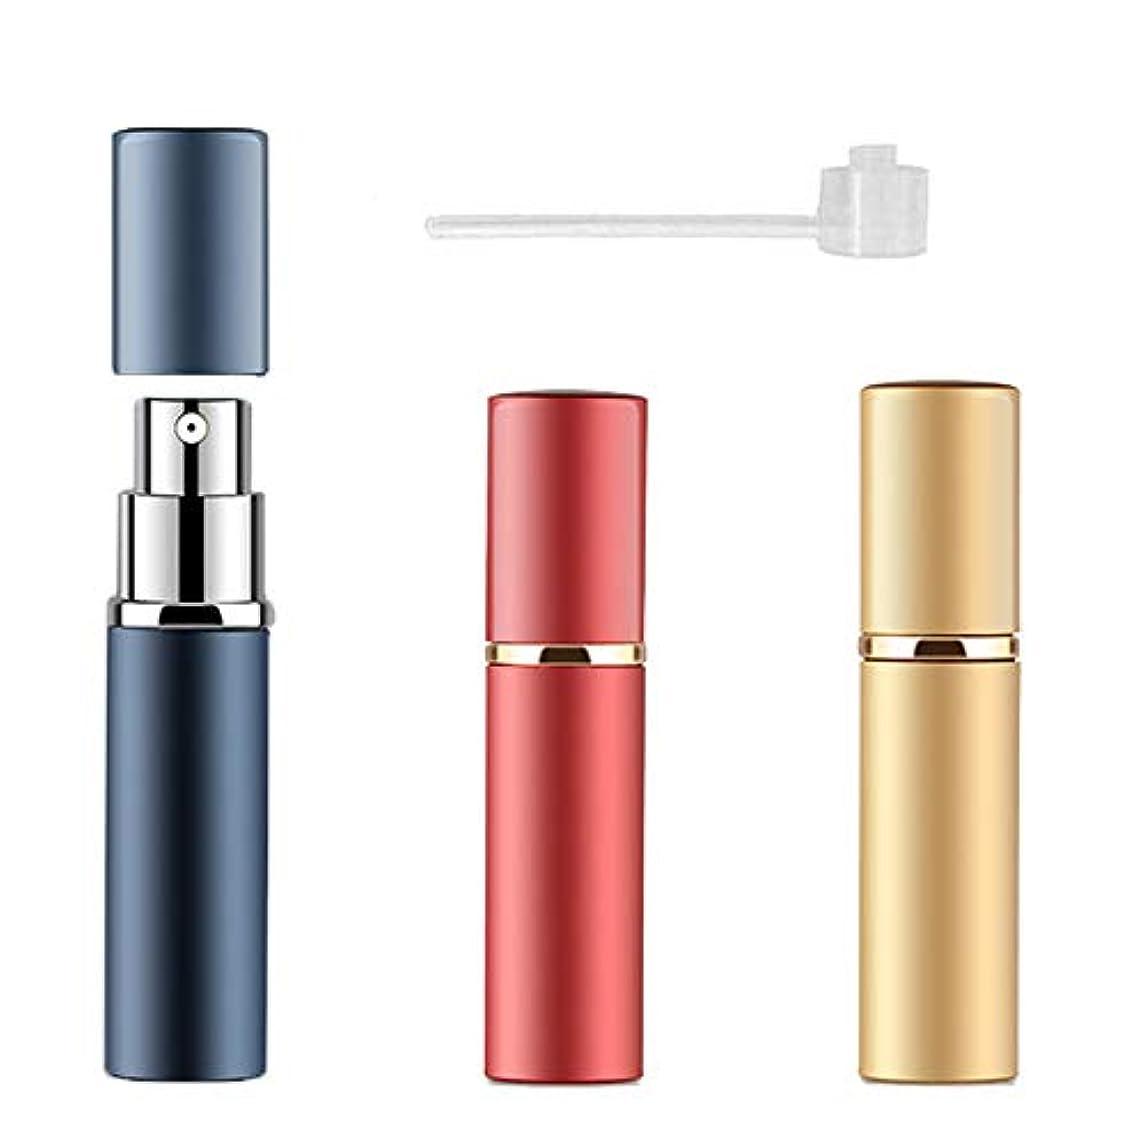 出くわすユニークなプレートアトマイザー 香水 詰め替え容器 スプレーボトル 小分けボトル トラベルボトル 旅行携帯便利 (3色セット)